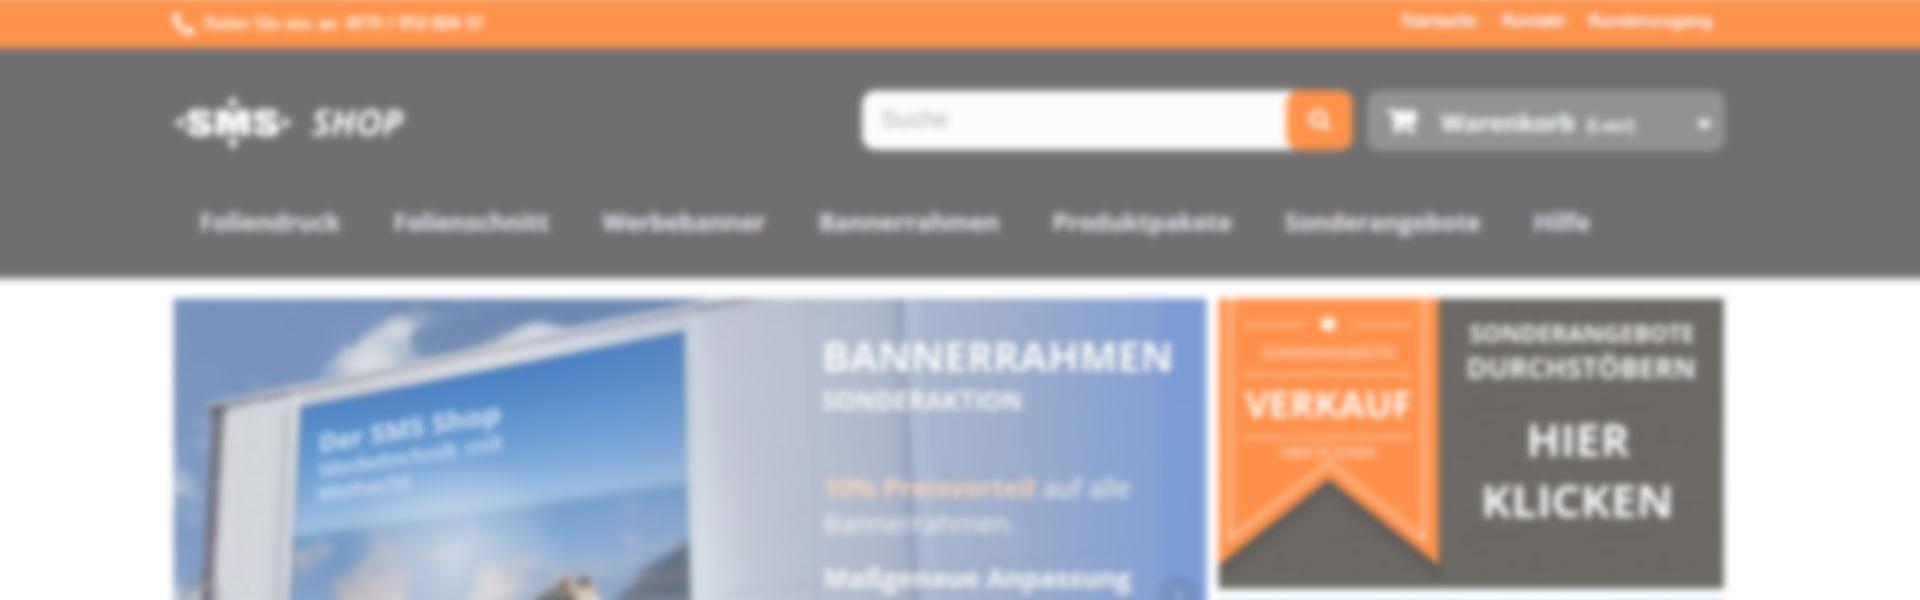 Werbebanner, Bannerrahmen und Druckprodukte im SMS Shop, Ihrer Online Druckerei